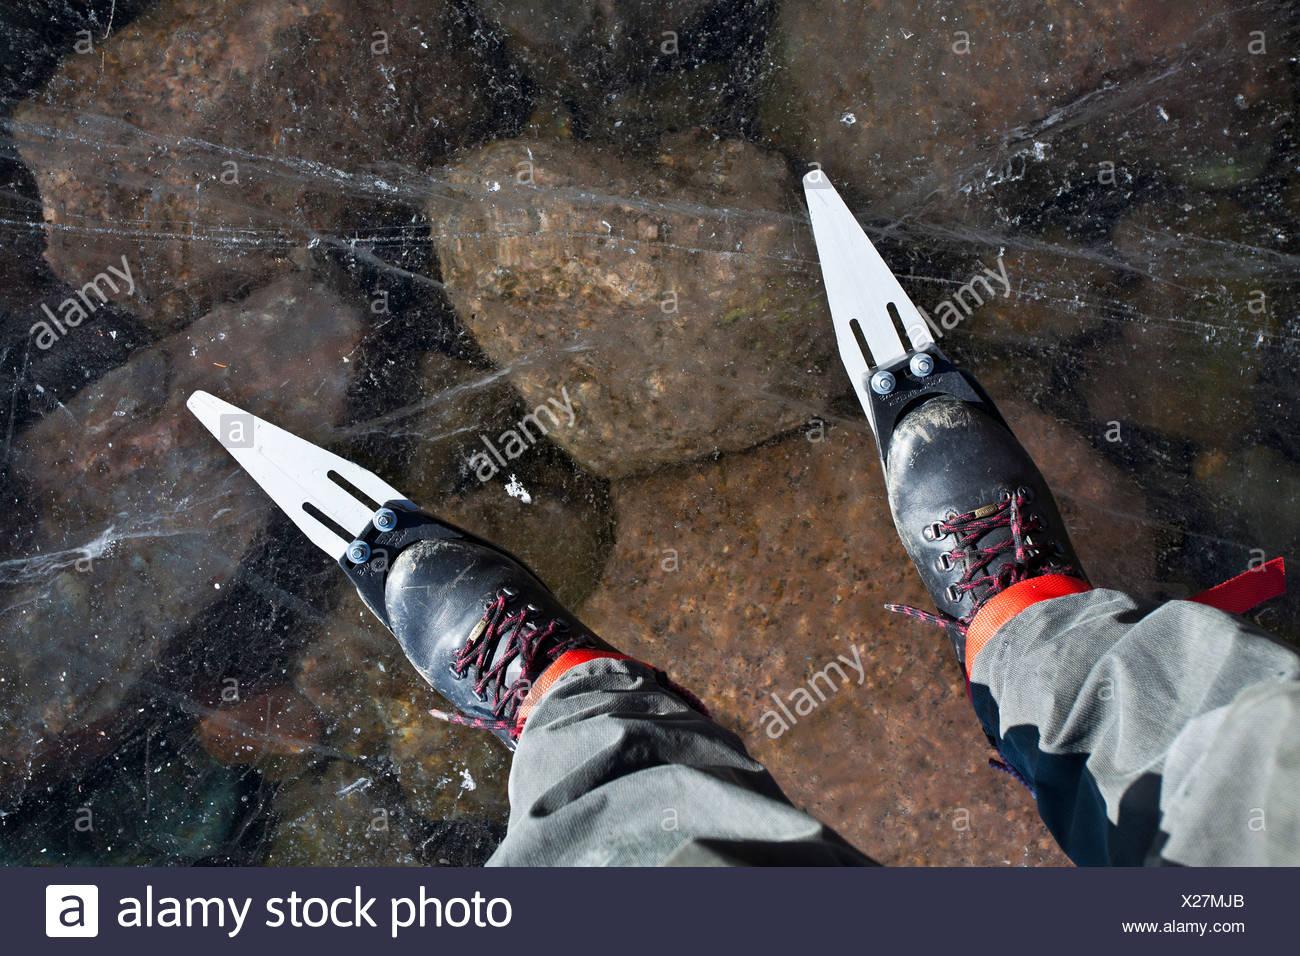 Bajo la sección de una persona patinando sobre hielo puro Imagen De Stock